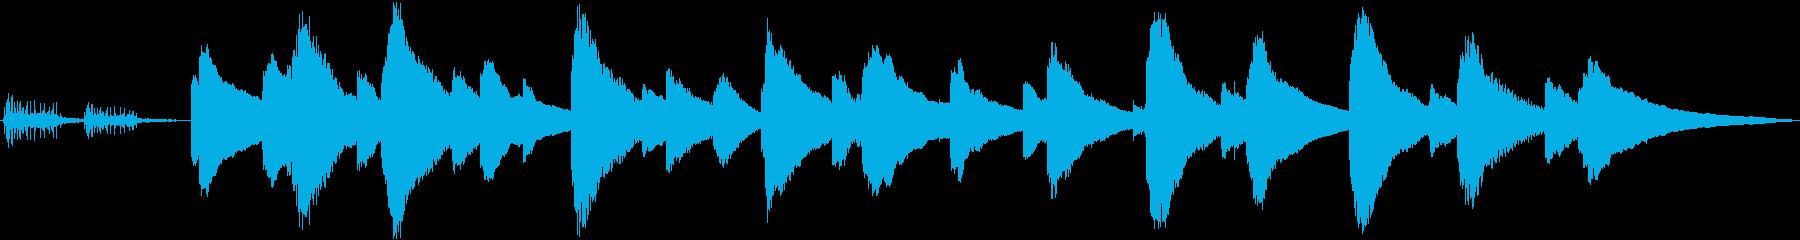 癒し系オルゴール(ねじ巻き音付き)の再生済みの波形